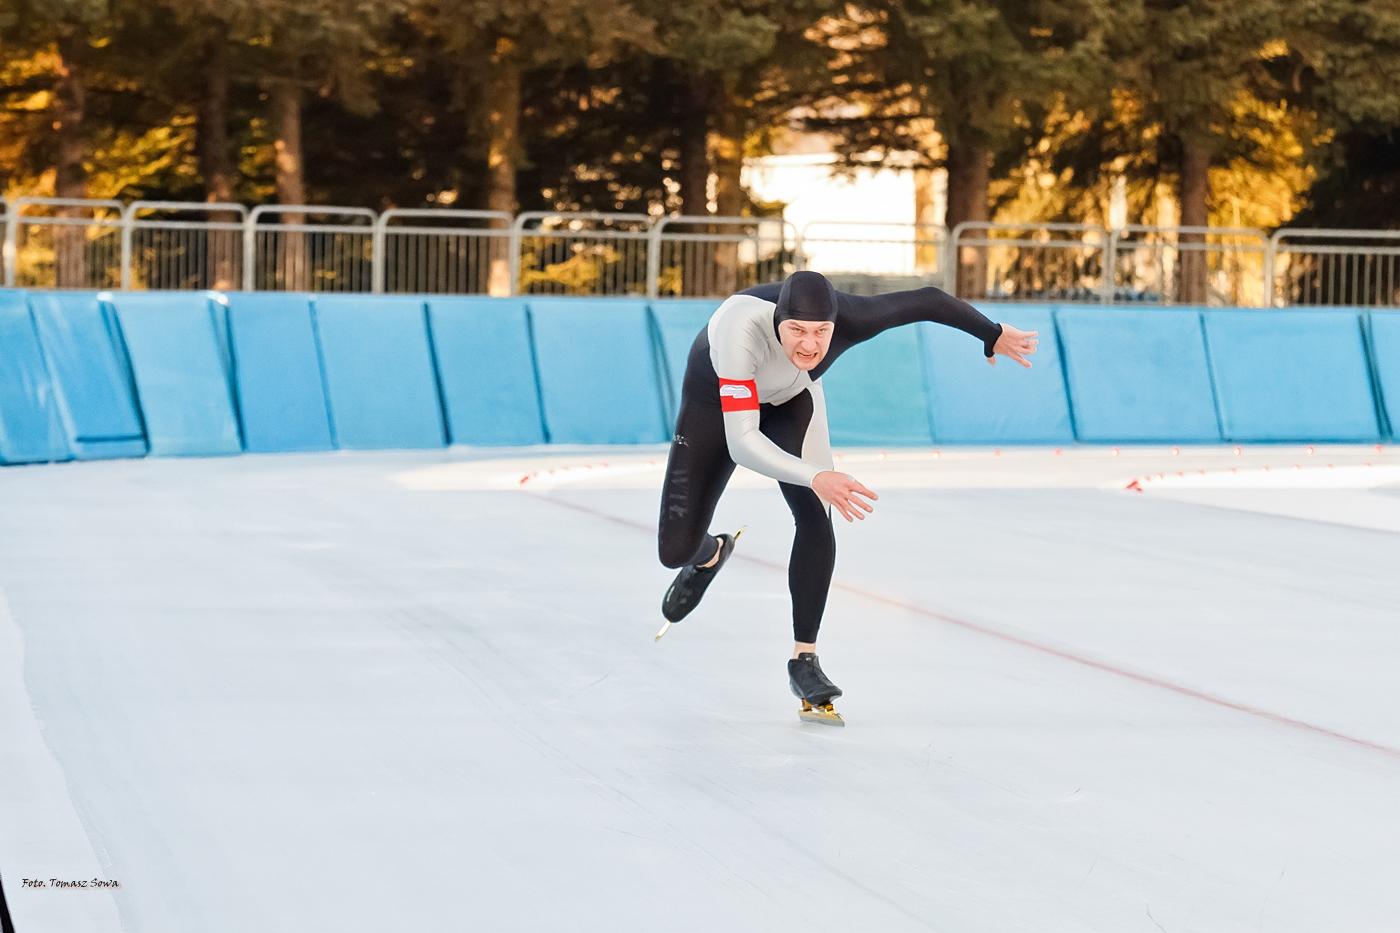 Drugi dzień Zawodów Pucharu Polski w łyżwiarstwie szybkim [FOTO+VIDEO] - Zdjęcie główne